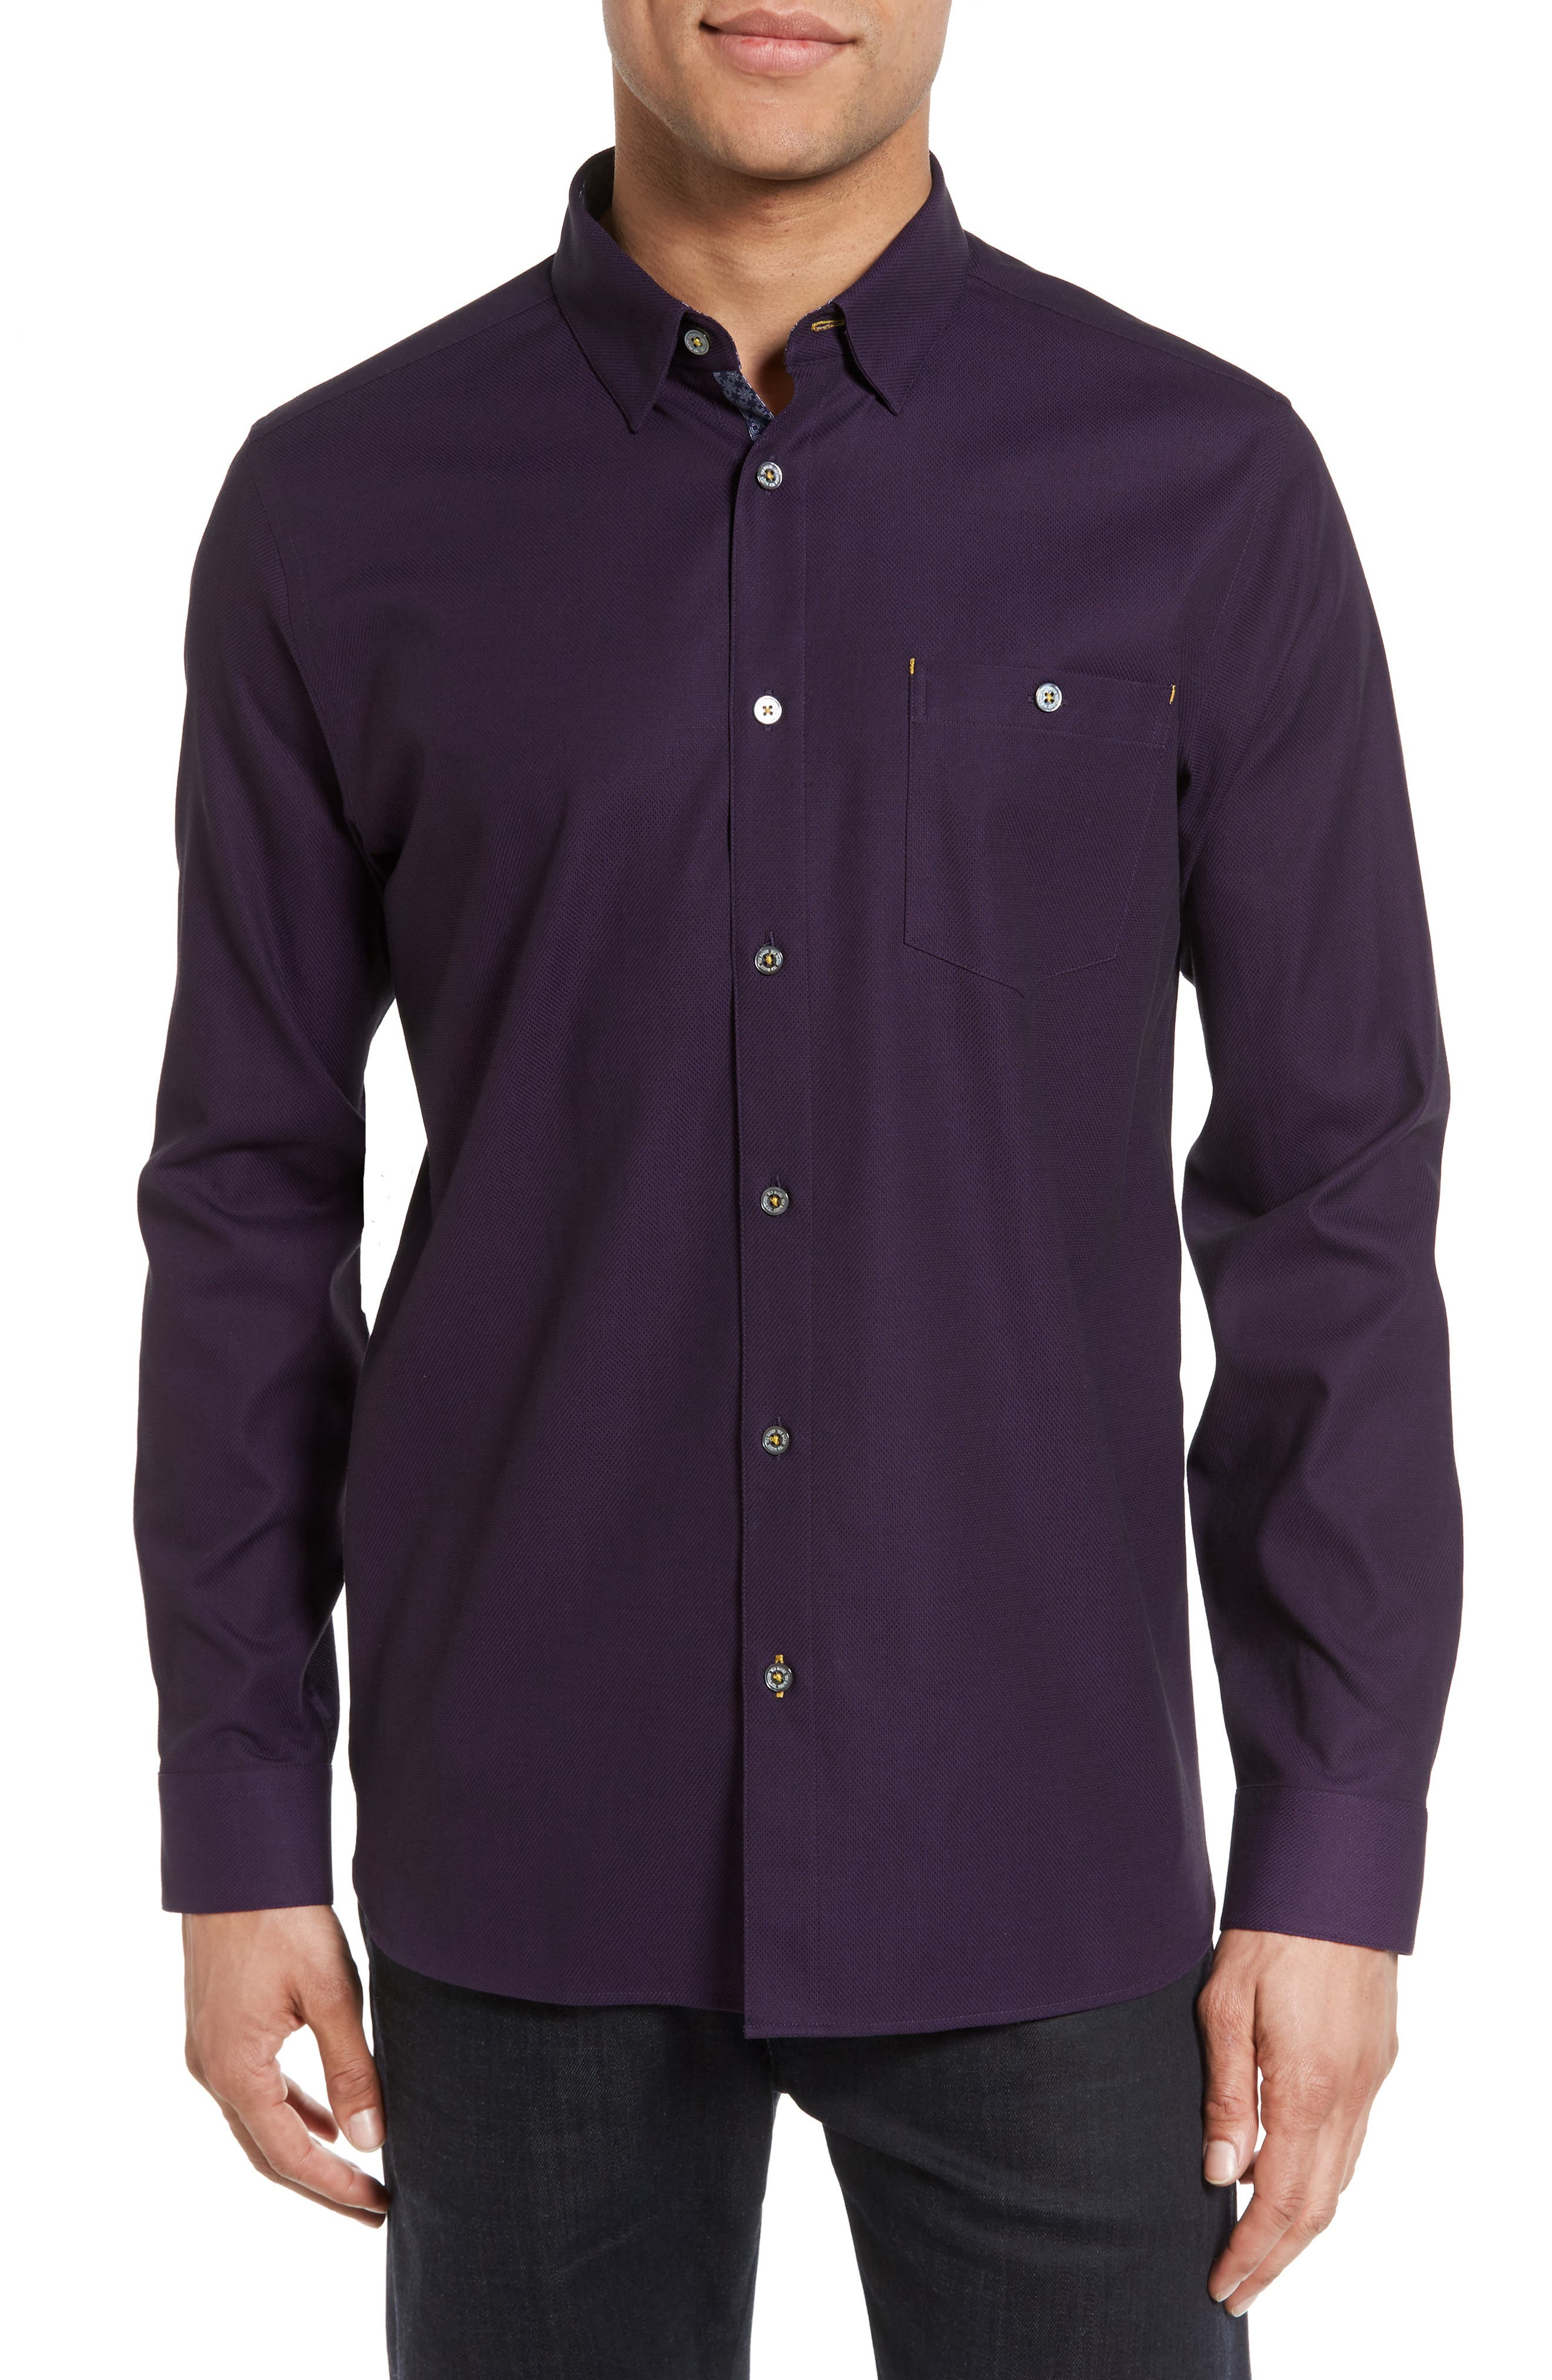 Nordlux Modern Slim Fit Stretch Cotton Sport Shirt,                             Main thumbnail 1, color,                             Deep Purple